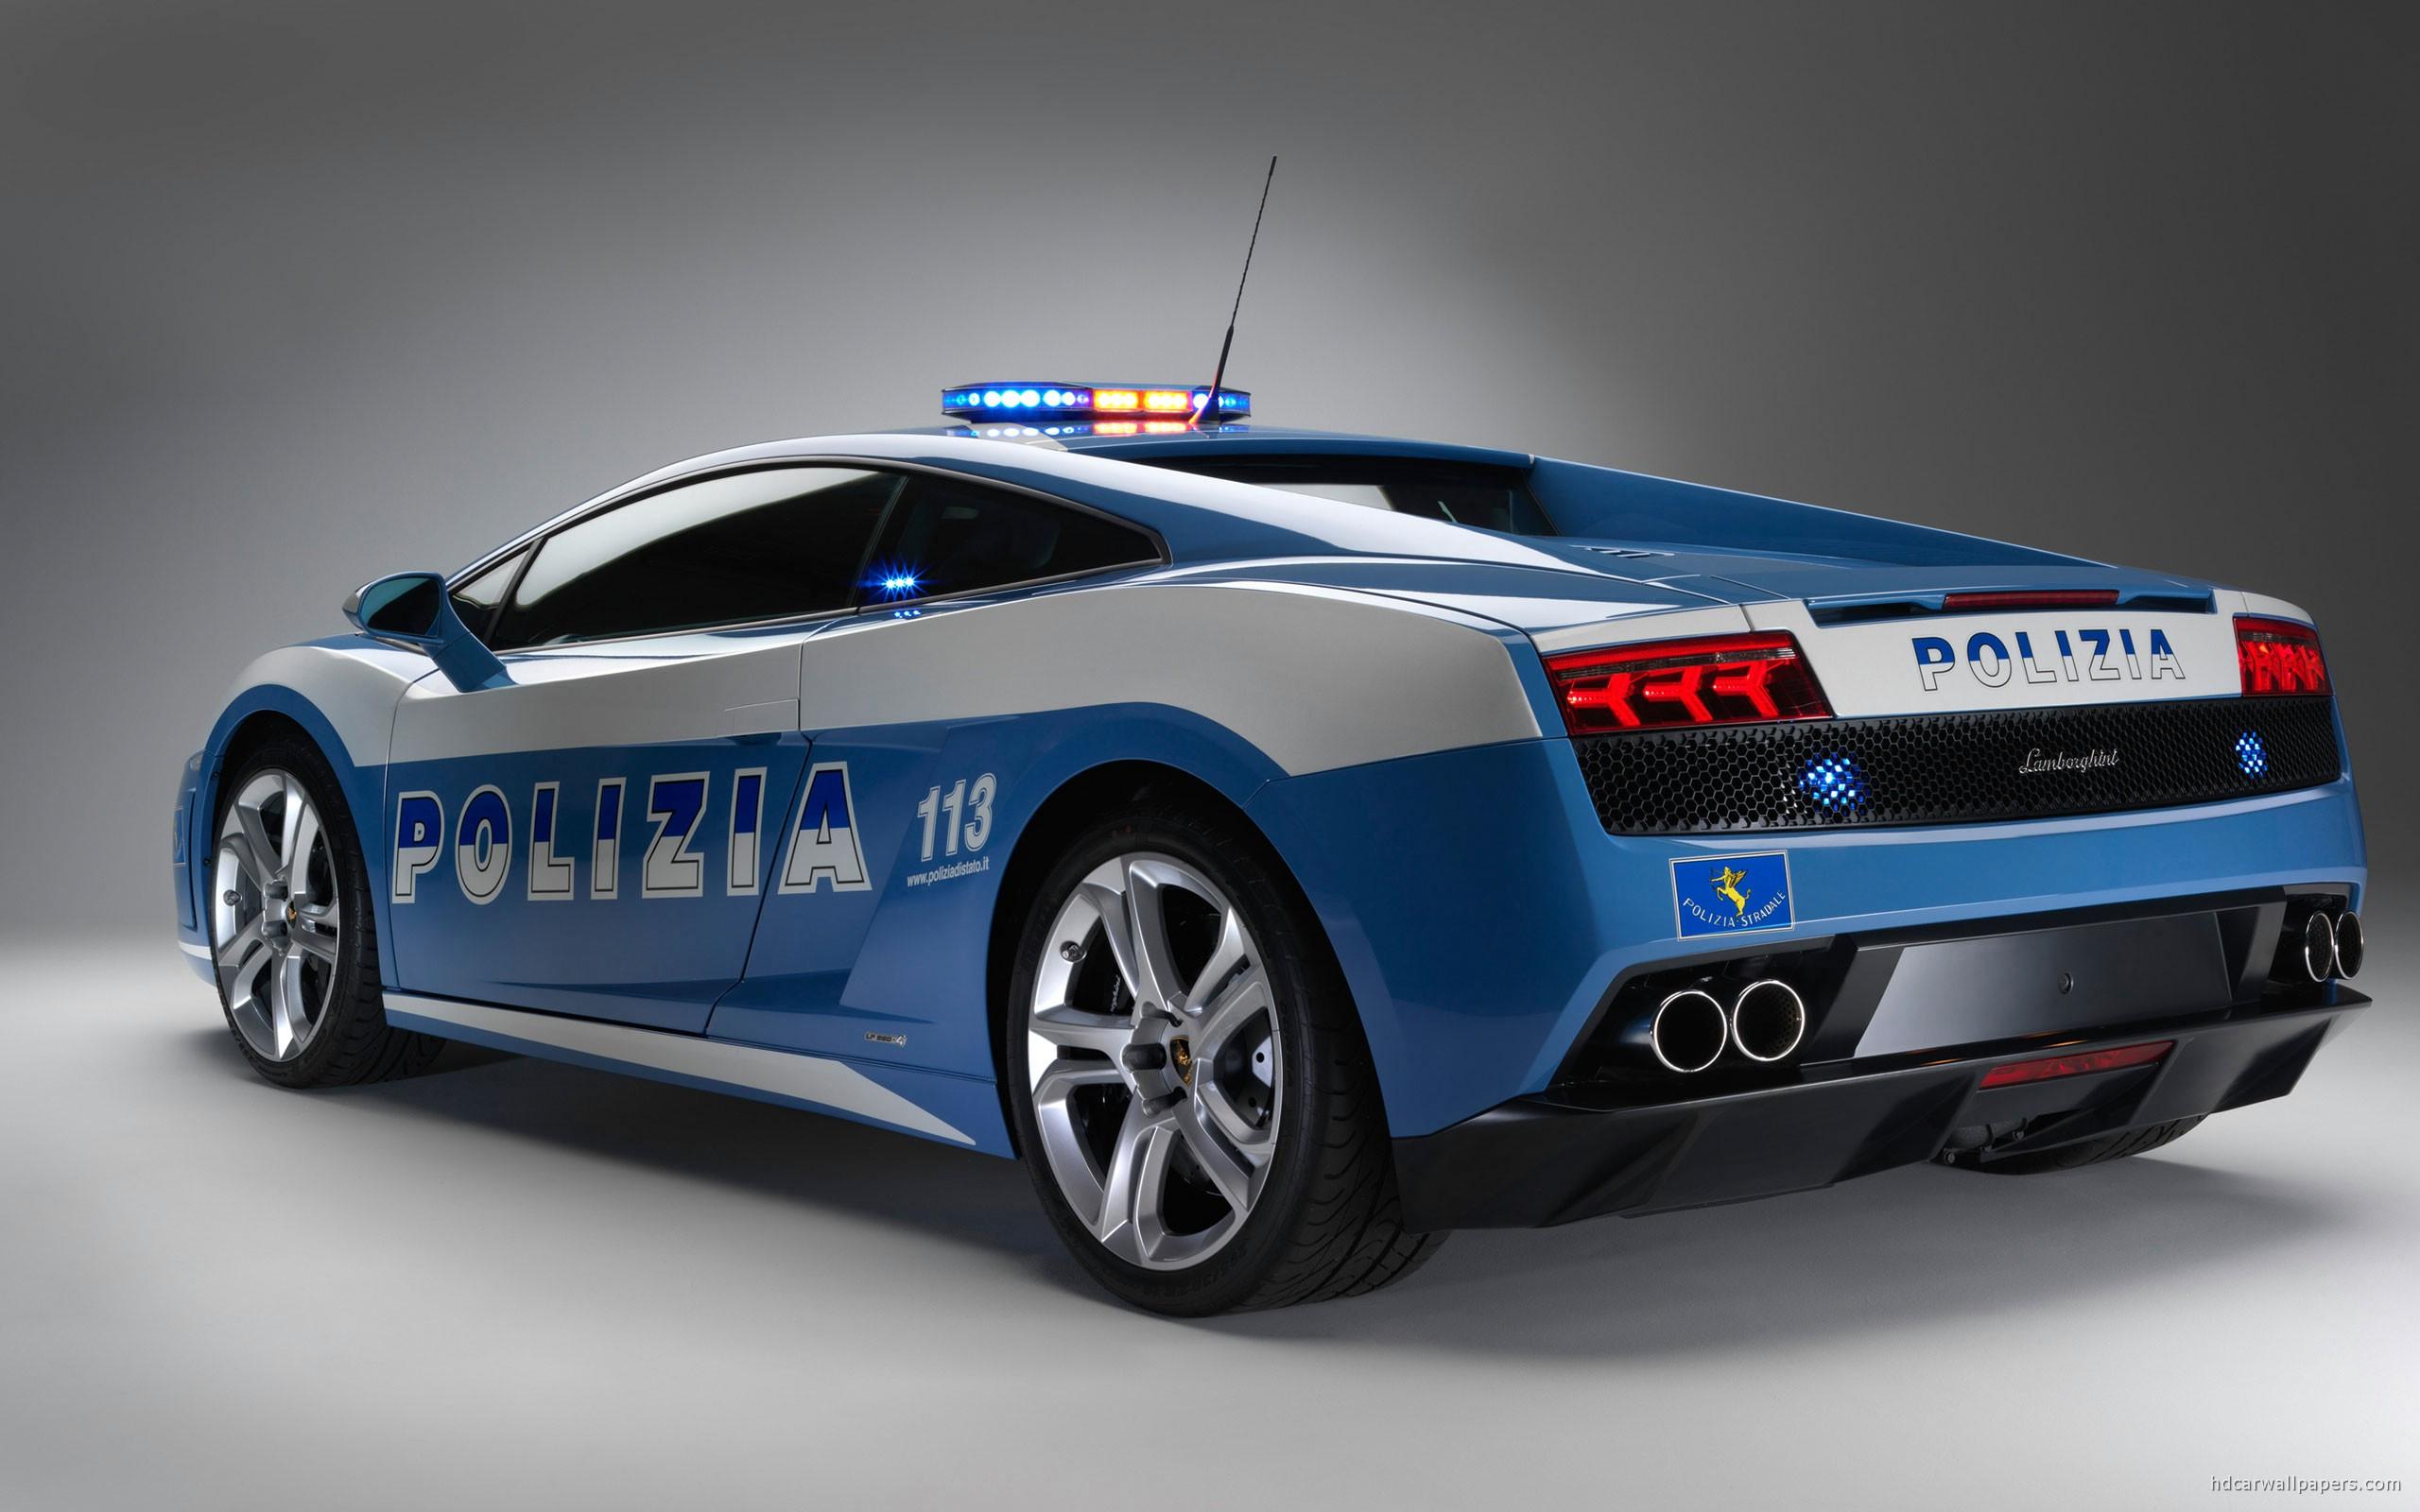 Lamborghini Gallardo Police Car Wallpaper HD Car Wallpapers 2560x1600